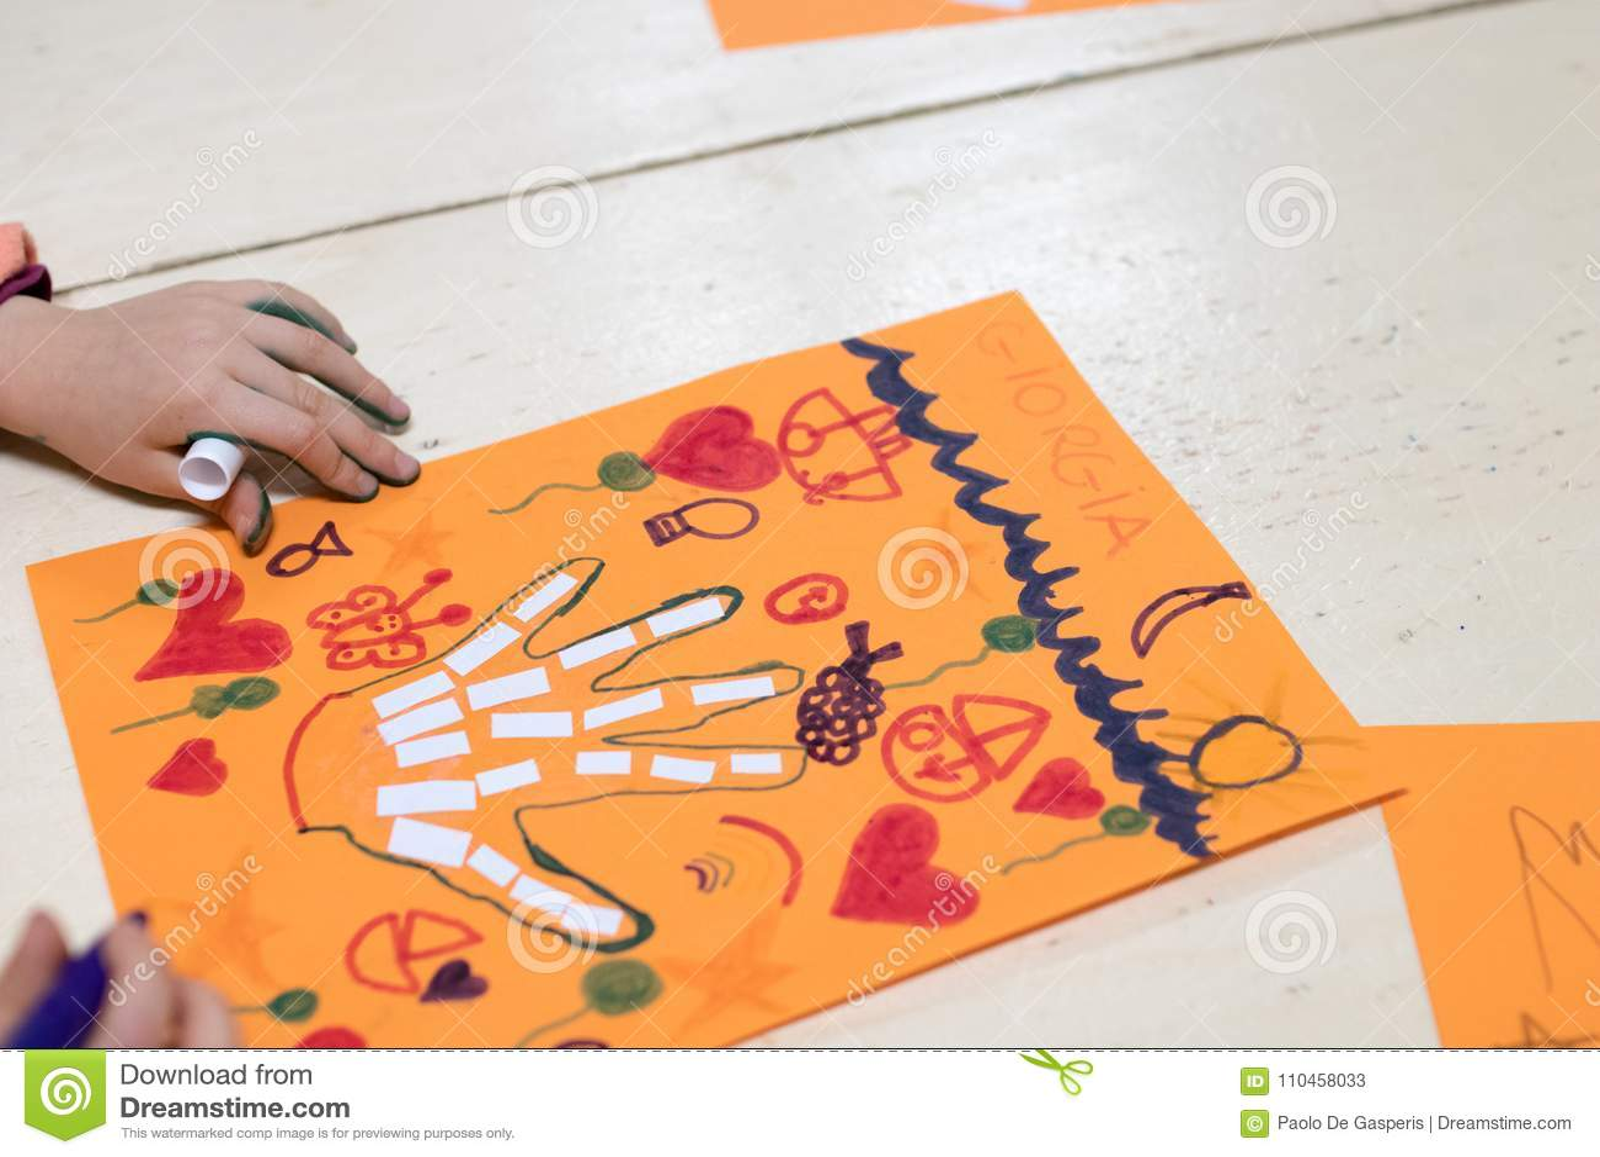 孩子、好的妙语的图画和拼贴画的科学活动